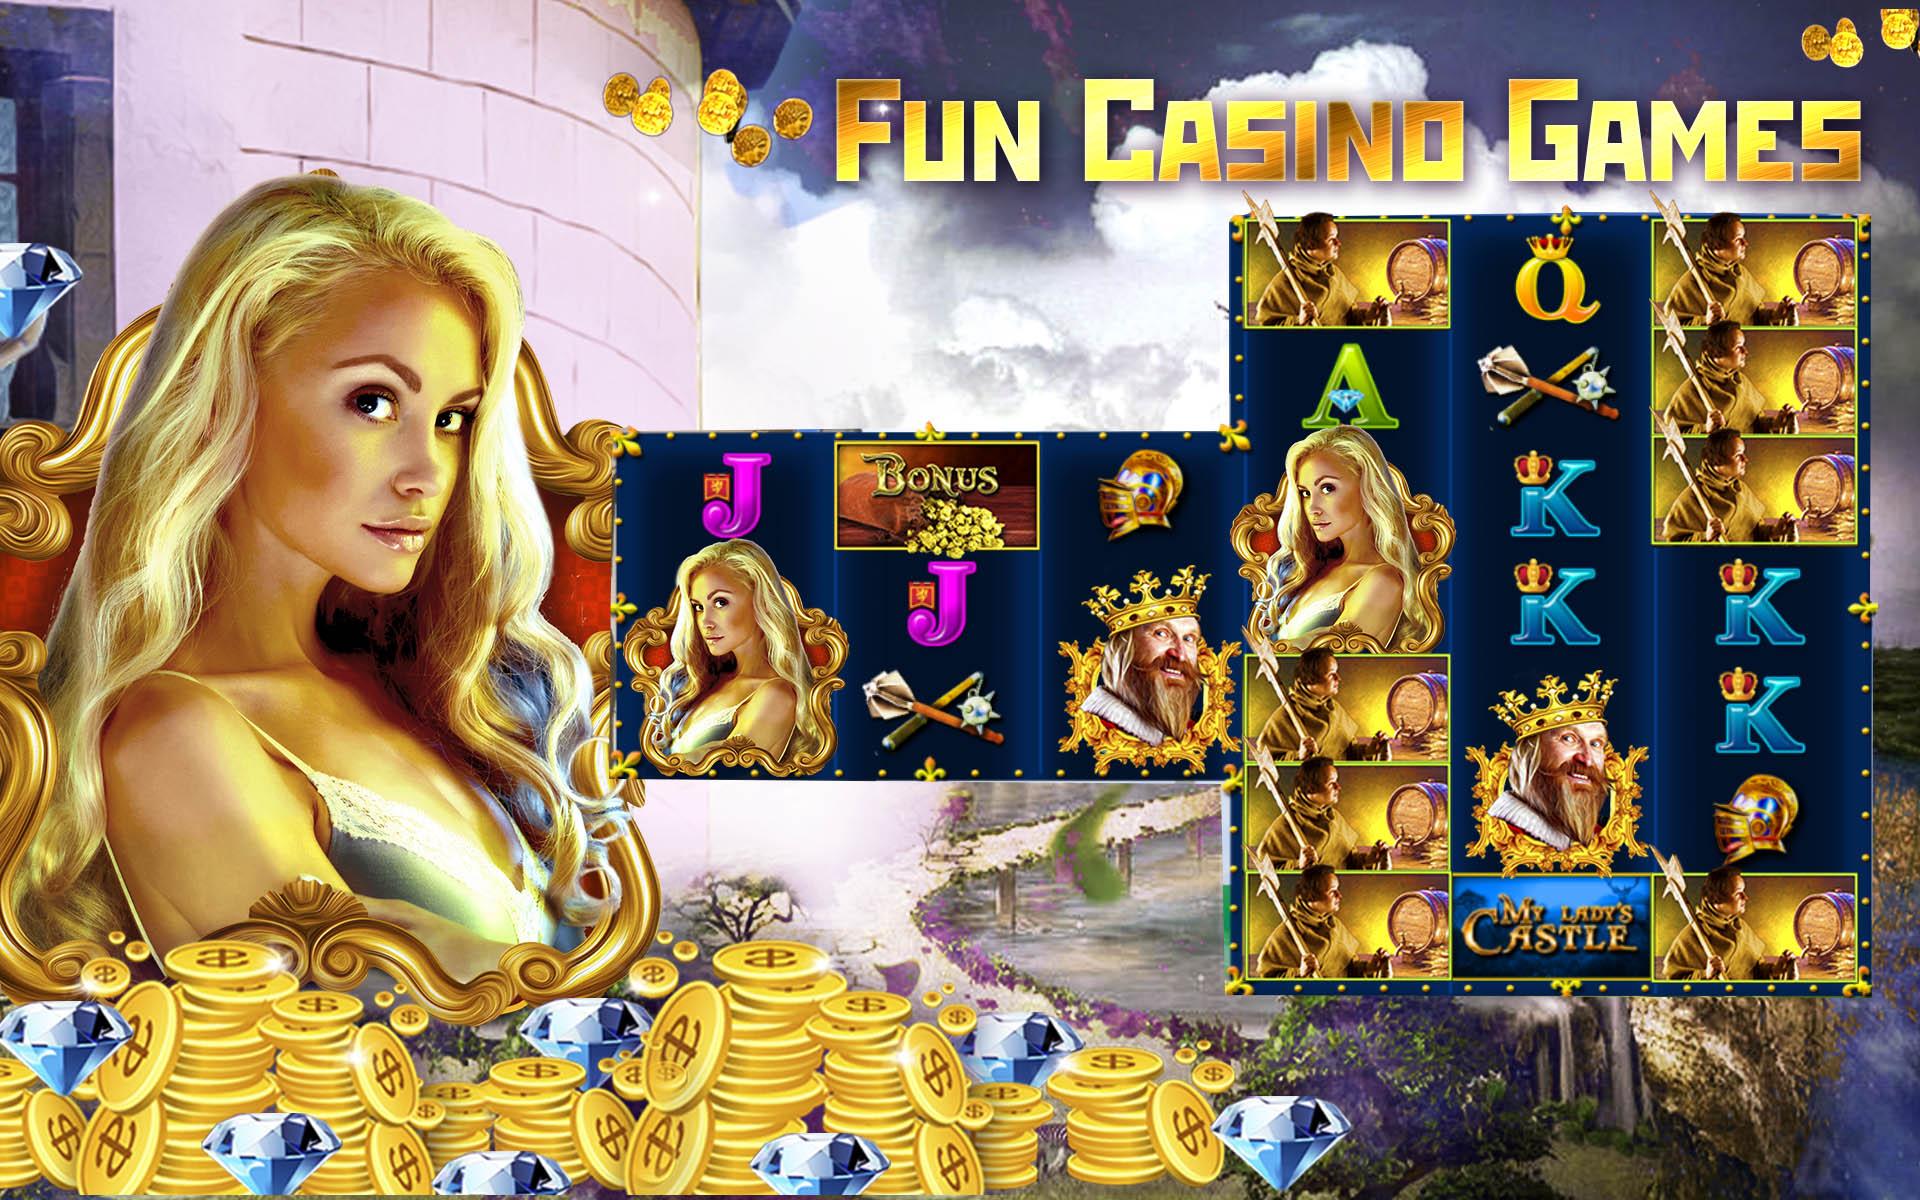 Играть онлайн бесплатно в игровые автоматы вулкан